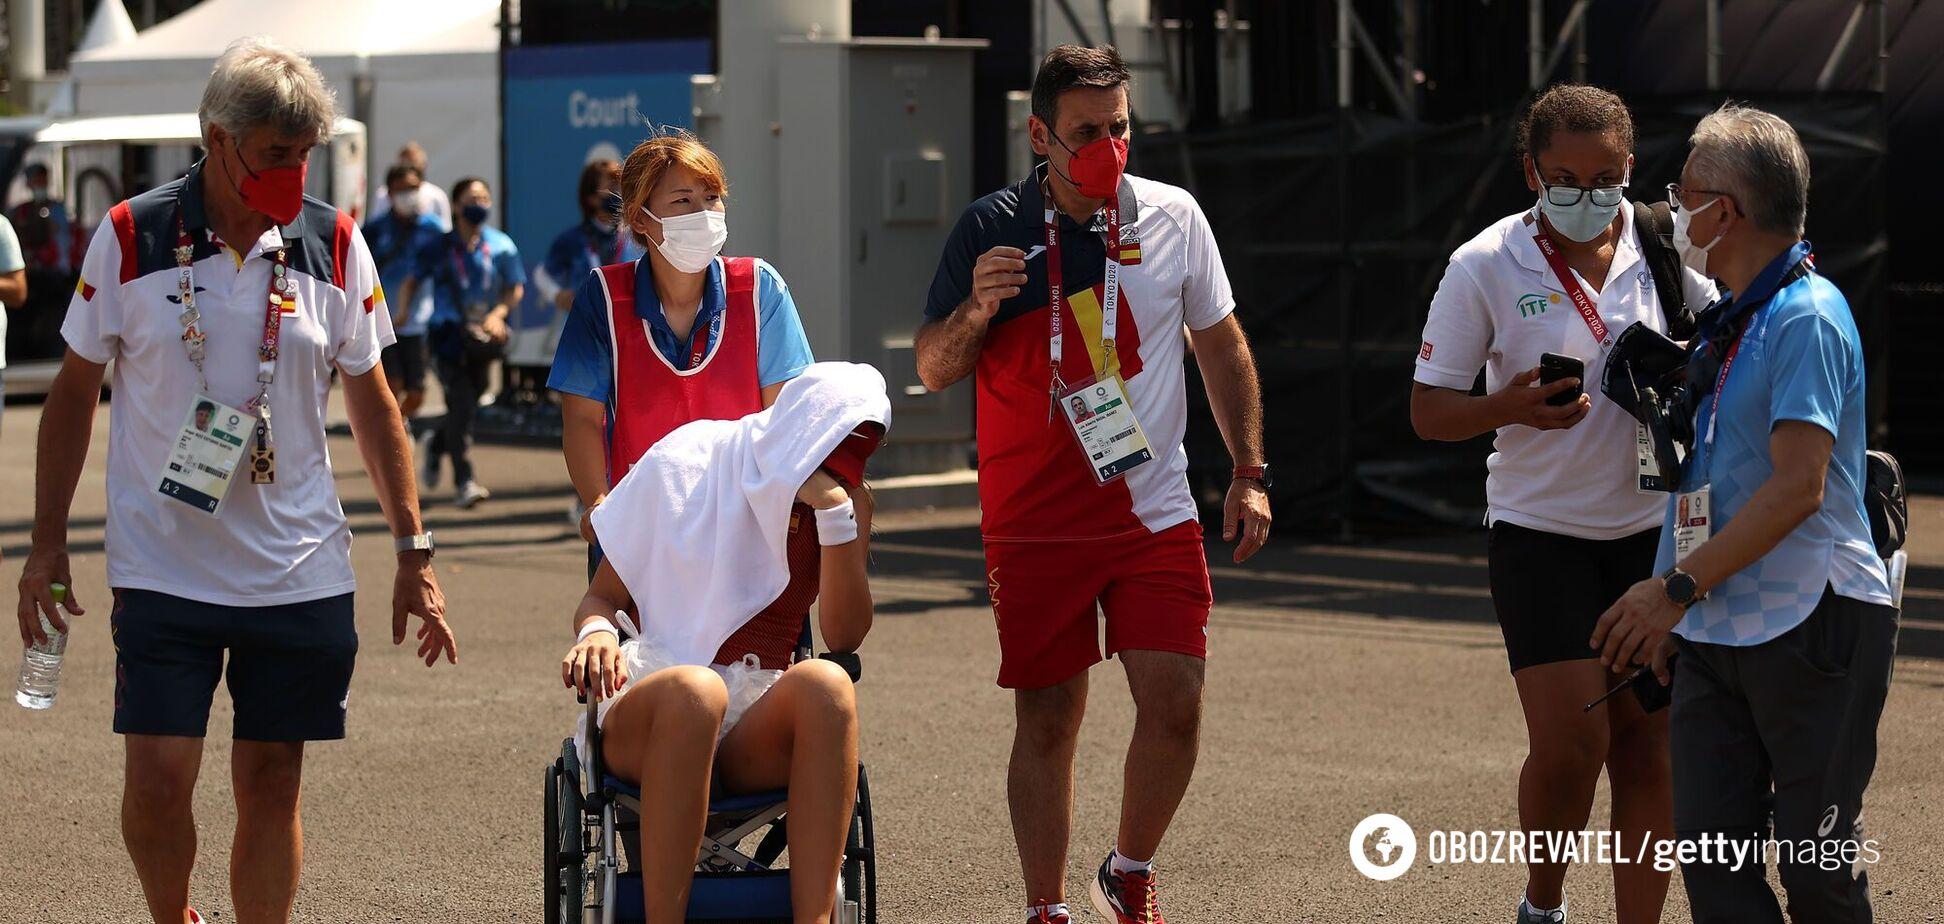 Не сыграет со Свитолиной: испанскую теннисистку на ОИ увезли с корта на коляске